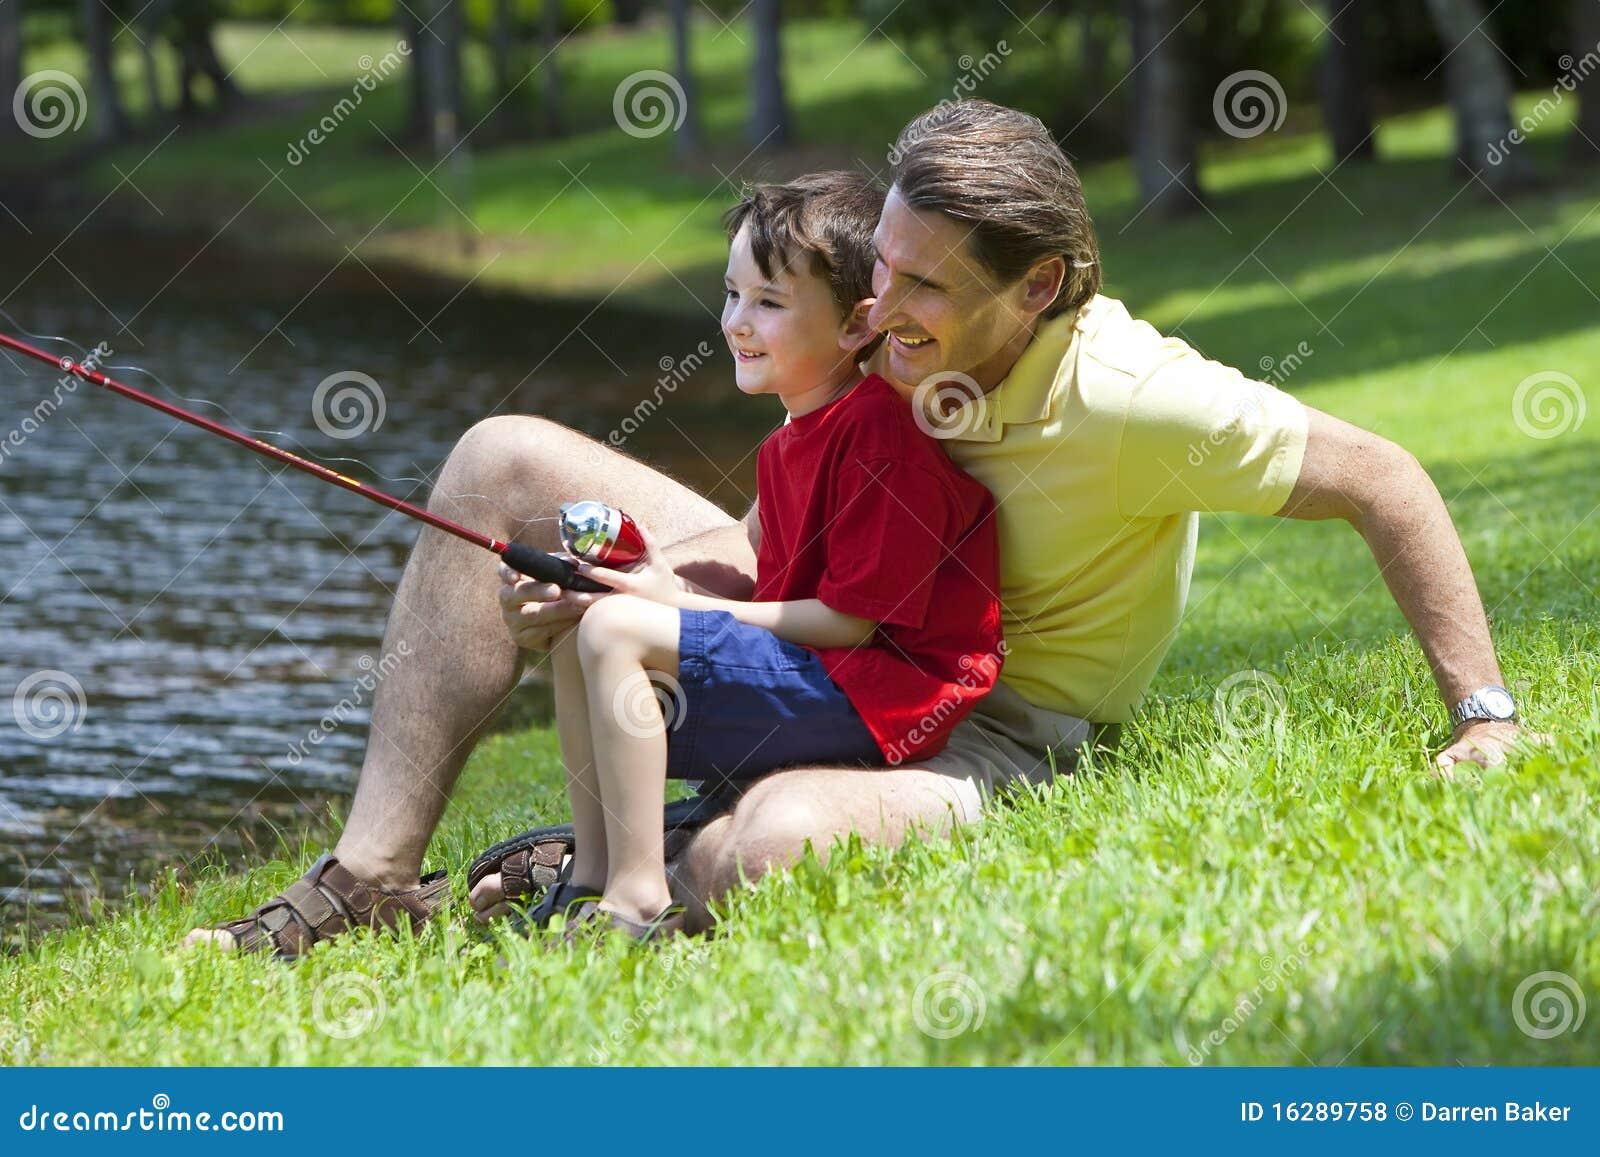 Comment pecher dans le fleuve - Comment pecher dans un port ...